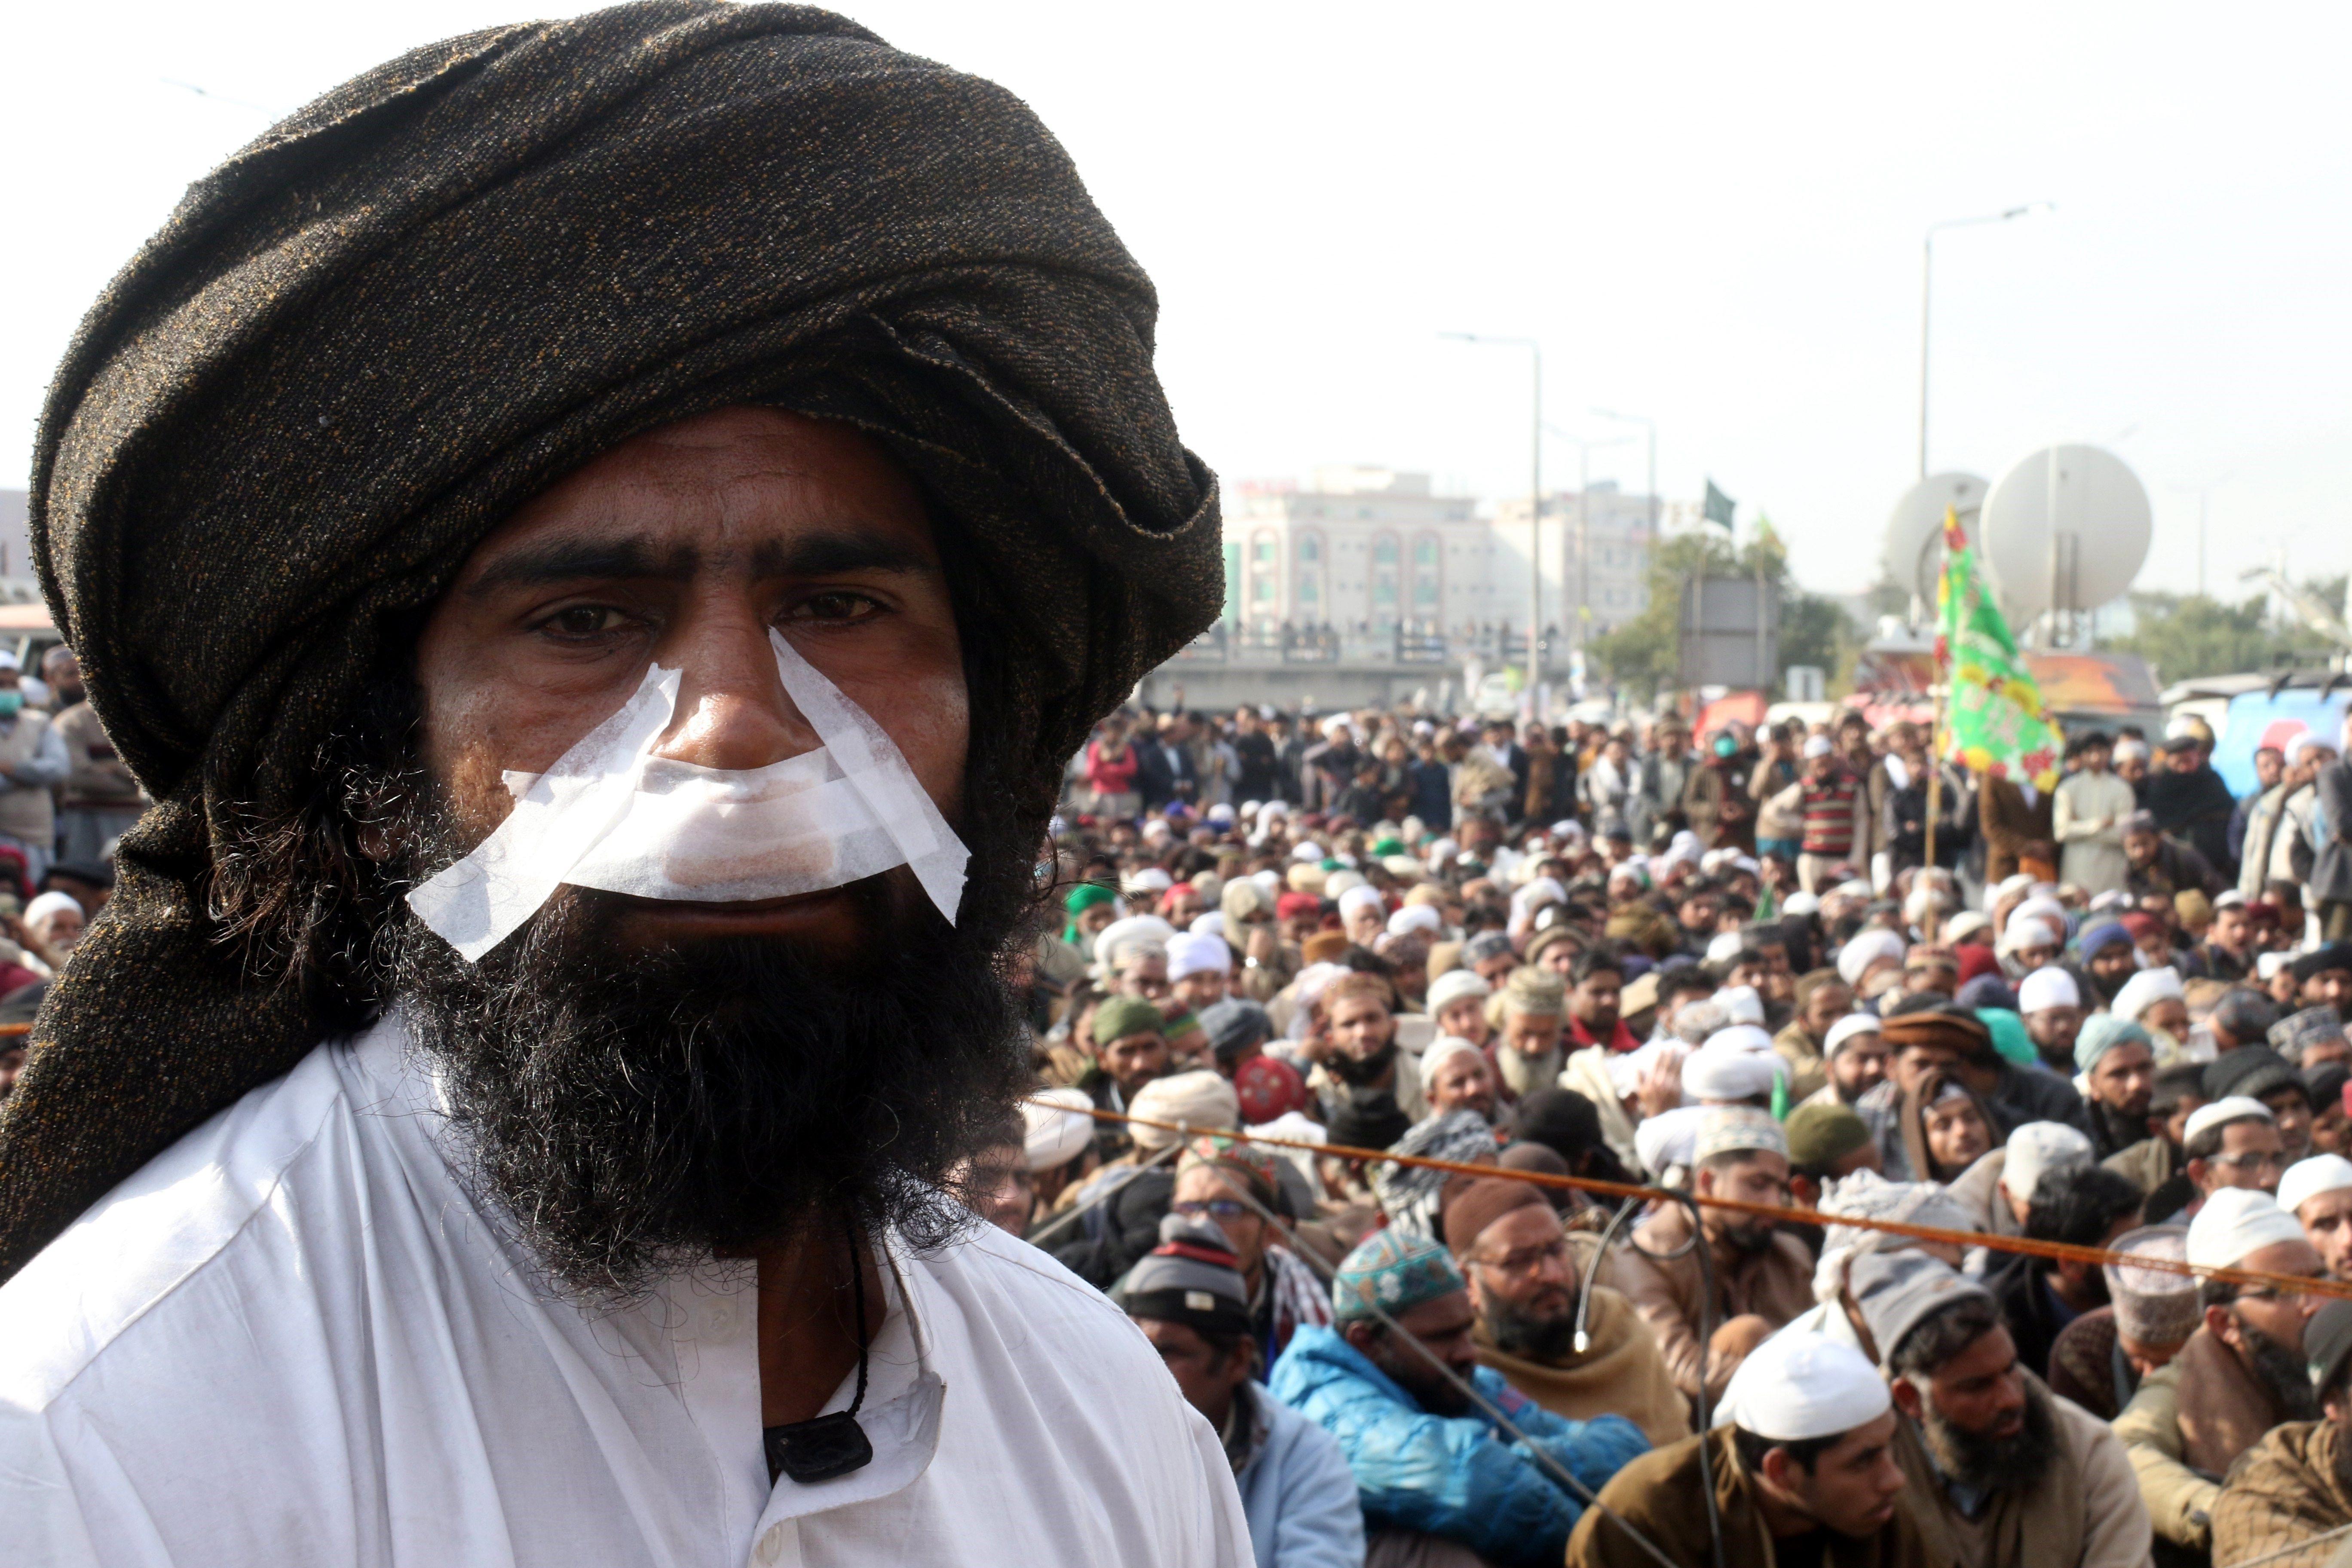 Dimiteix el ministre de Justícia pakistanès per posar fi a protestes islamistes. /SOHAIL SHAHZAD